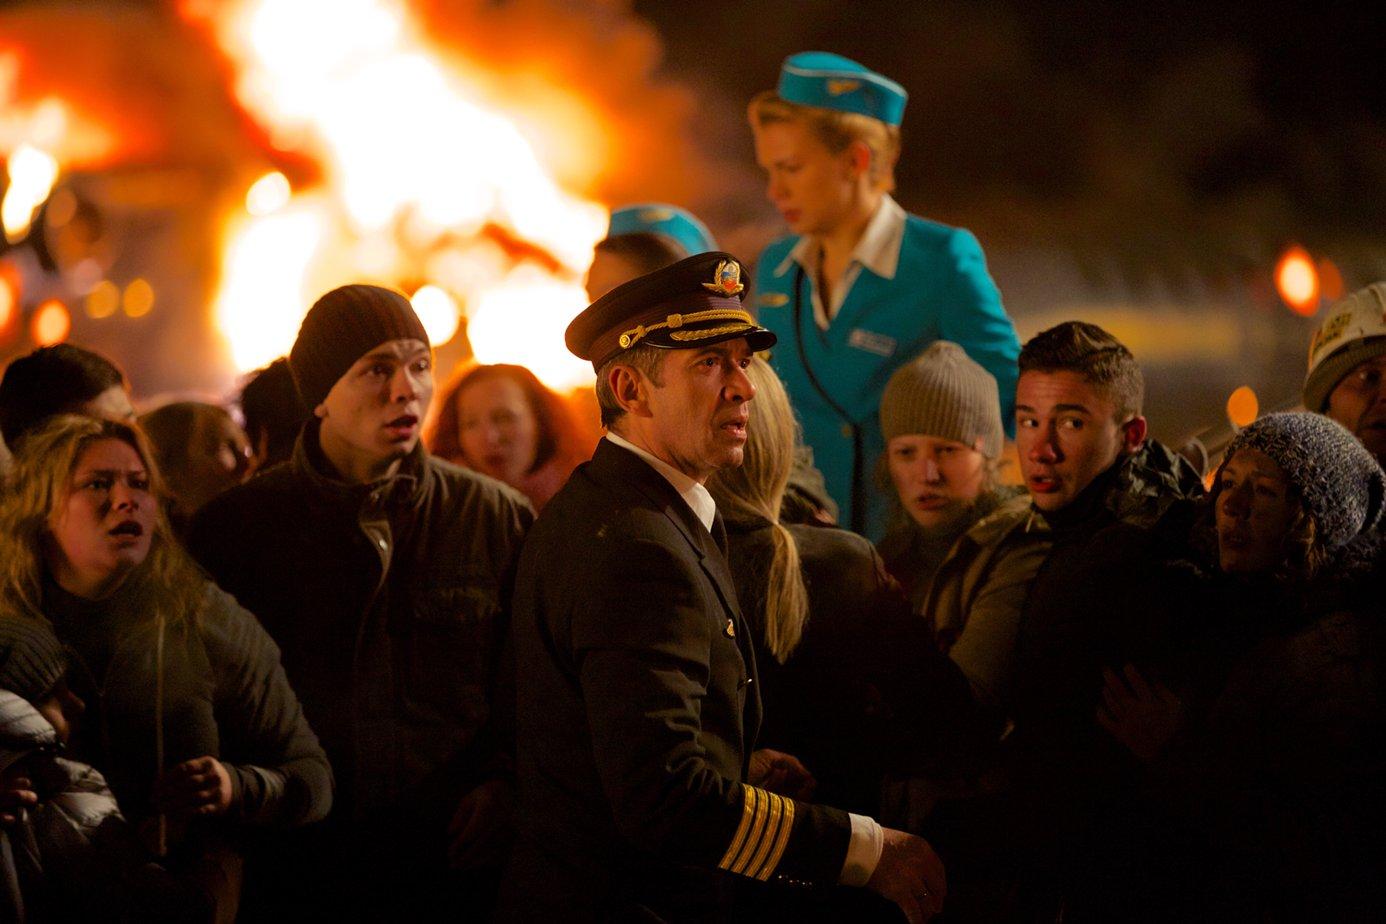 «Экипаж» признан самым кассовым русским фильмом 2016 года